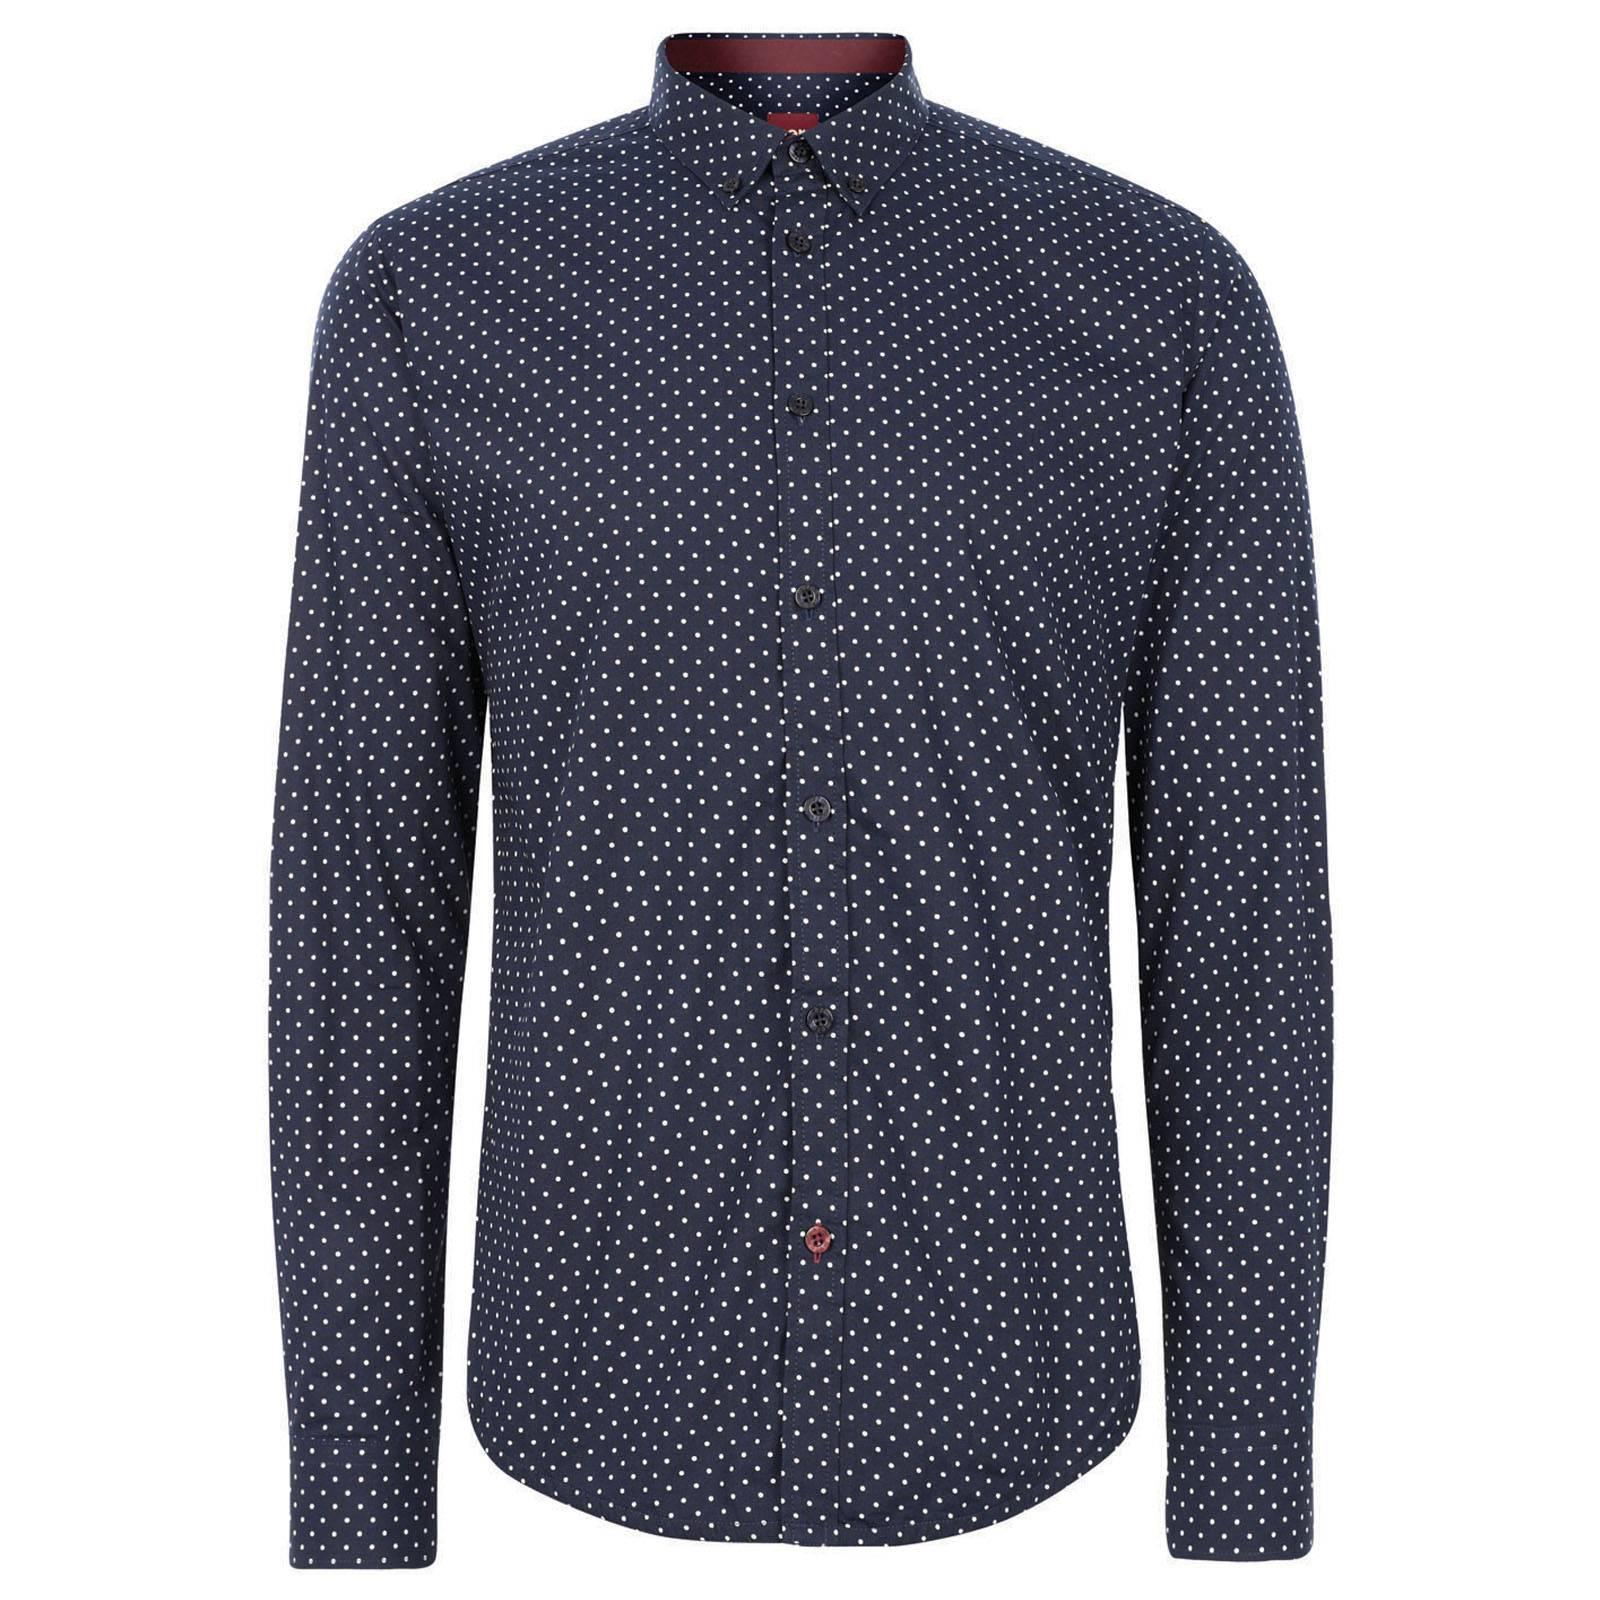 Рубашка SiegelКлассические<br>Приталенная рубашка, выполненная в классическом узоре &amp;amp;quot;polka dot&amp;amp;quot;, - эффектная и приковывающая взгляды. &amp;lt;br /&amp;gt;<br>&amp;lt;br /&amp;gt;<br>Нестареющий и всегда актуальный, &amp;amp;quot;горох&amp;amp;quot;, в силу своей исторической связи с модой эпохи 60-х, неизменно присутствует в каждой коллекции Merc в разных образах и формах, но все же сорочка полька-дот была и остается для Merc эталонным &amp;amp;quot;гороховым&amp;amp;quot; предметом гардероба. &amp;lt;br /&amp;gt;<br>&amp;lt;br /&amp;gt;<br>Вы можете быть абсолютно уверены в том, что в понимающей аудитории эта рубашка будет по достоинству оценена и отмечена окружающими. В ней ваш look будет в выигрыше независимо от времени и места, ведь необычайная универсальность этой сорочки позволяет сочетать ее с трикотажем или блейзером, одевать с зауженными джинсами или под деловой костюм. В то же время она самодостаточна и в любой момент готова выйти не передний план, став центром вашего наряда.<br><br>Артикул: 1513208<br>Материал: None<br>Цвет: синий<br>Пол: Мужской